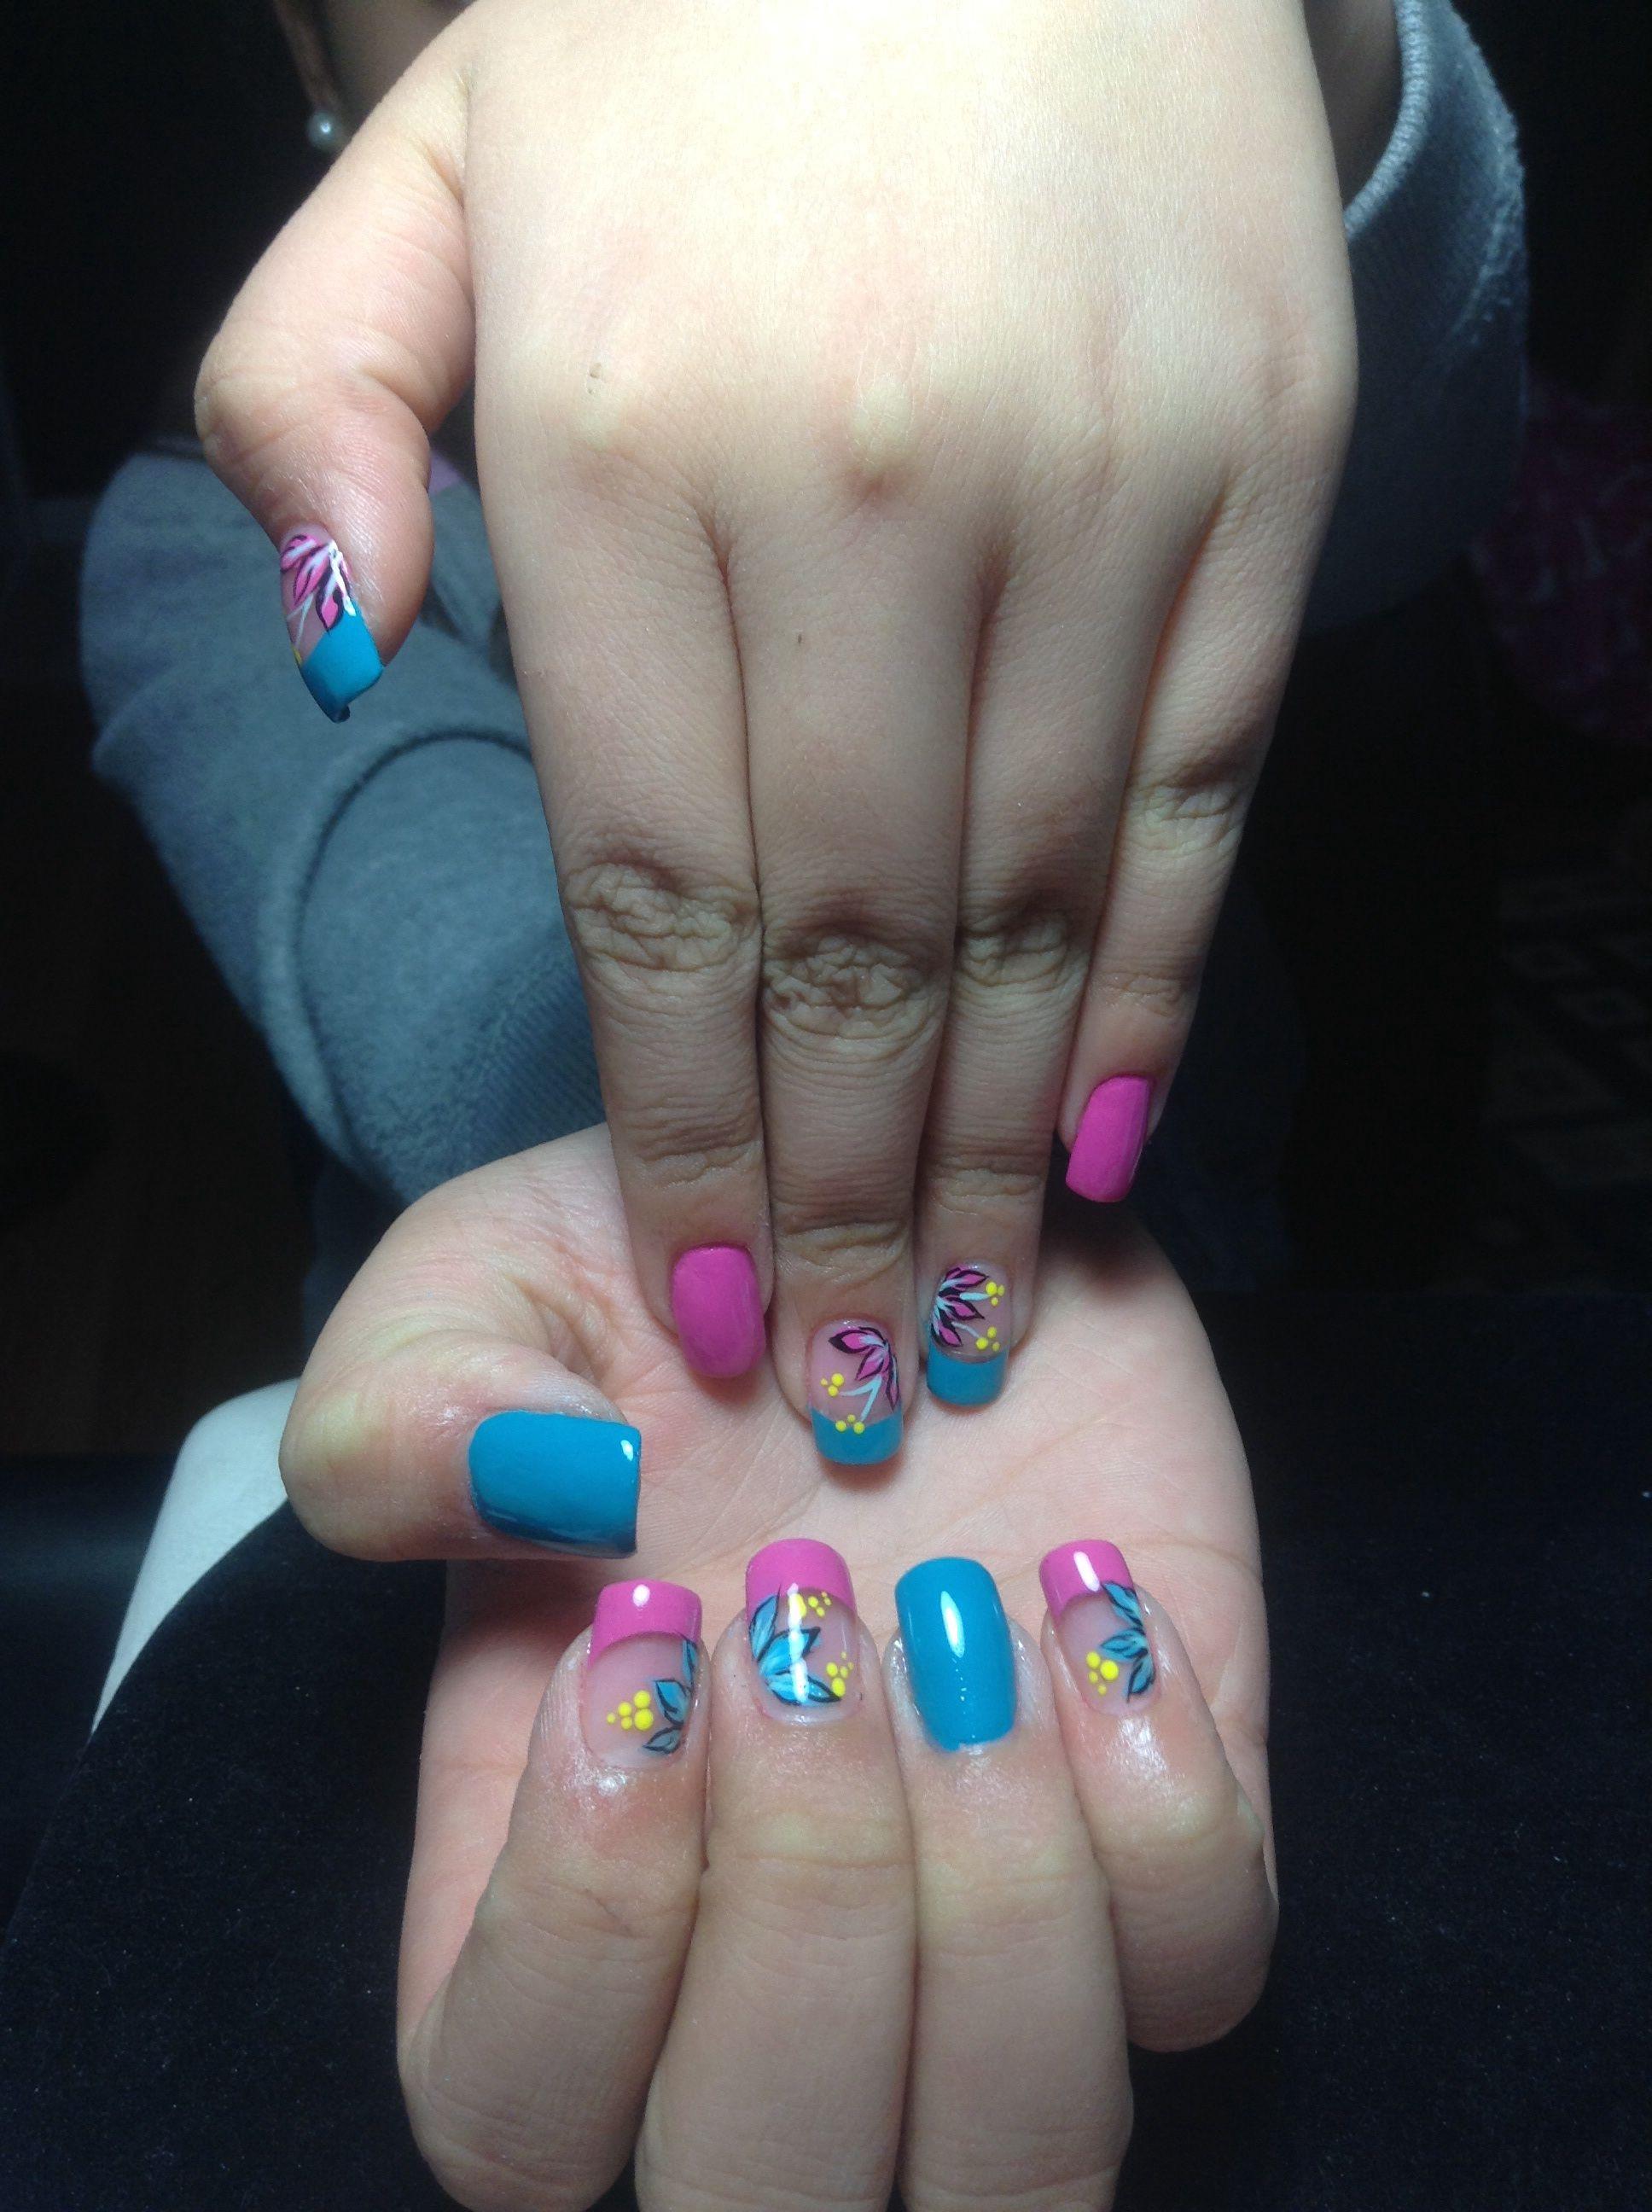 Nail Art For A 13 Year Old Acrylic Nails Cute Nails Nails